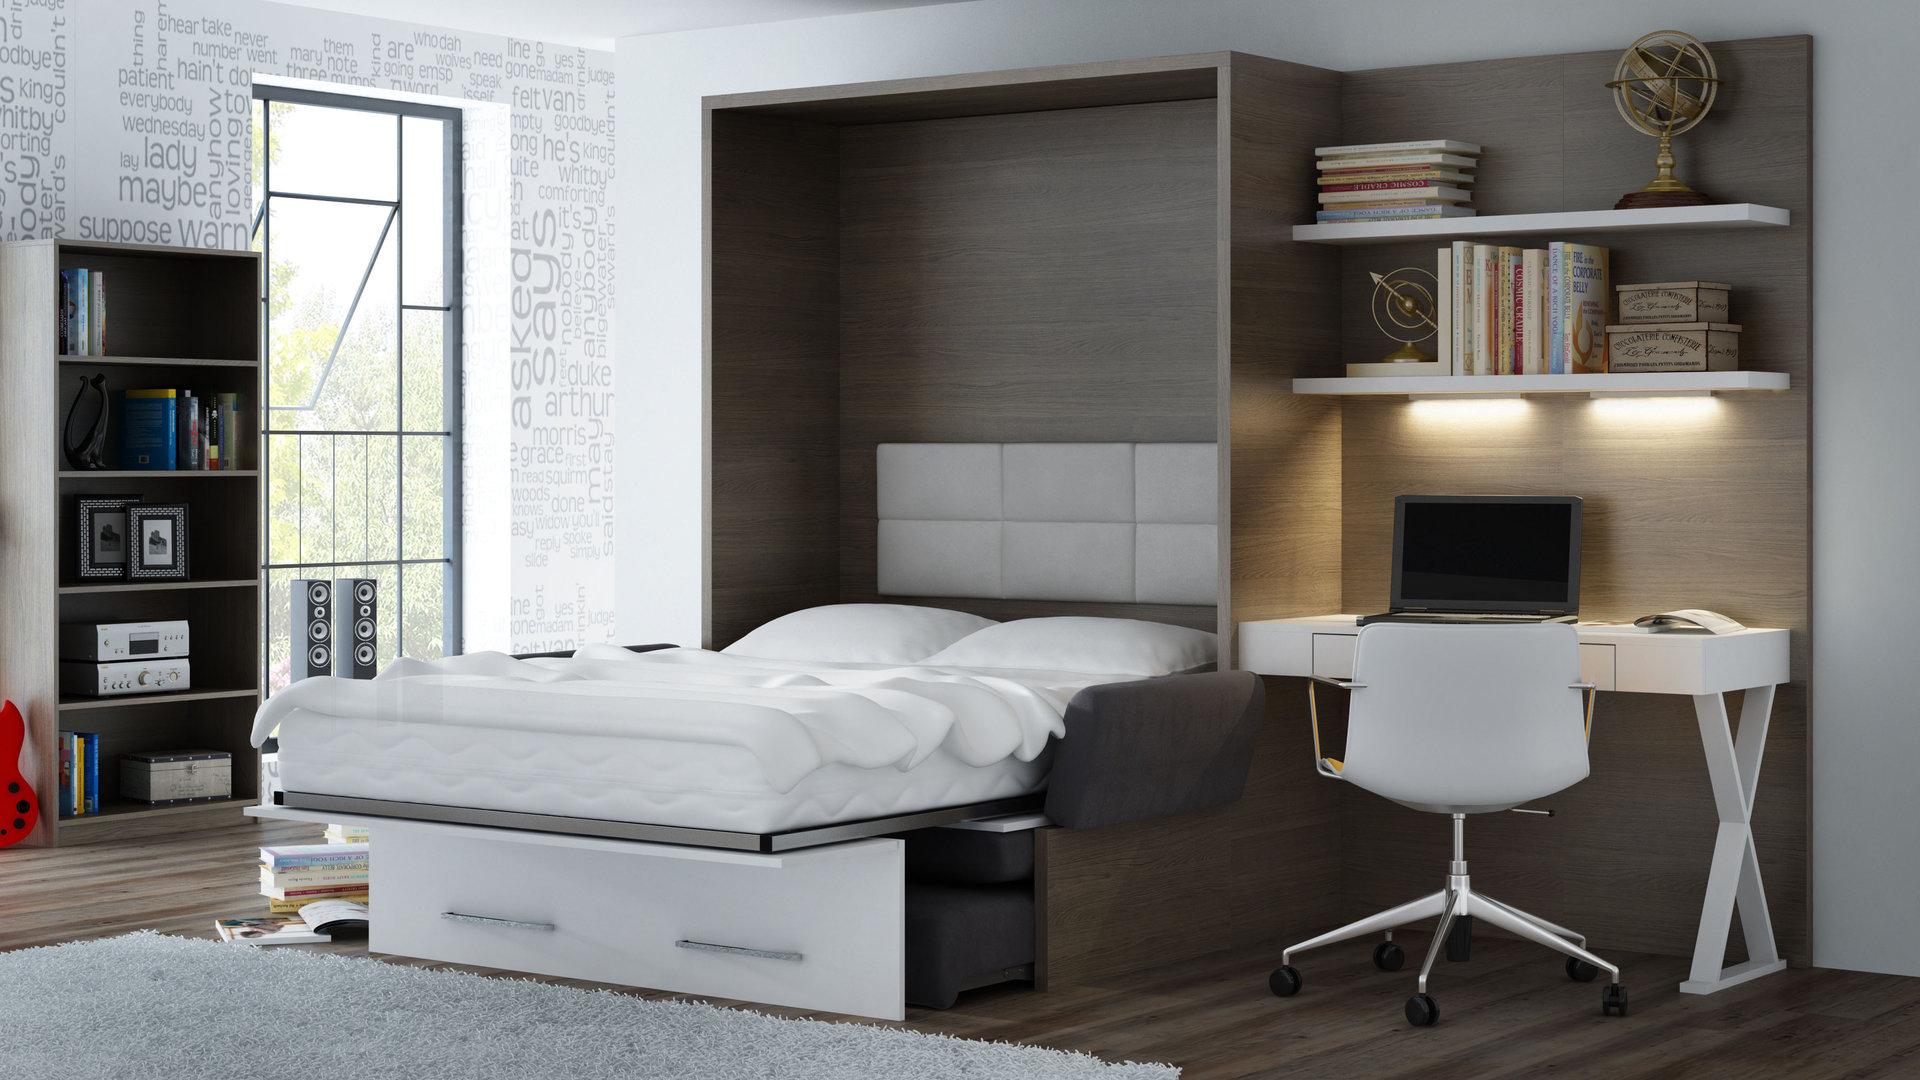 TS Möbel Wandbett mit Sofa WBS 1 Soft Office 140 x 200 cm in Eiche Anthrazit-Weiß